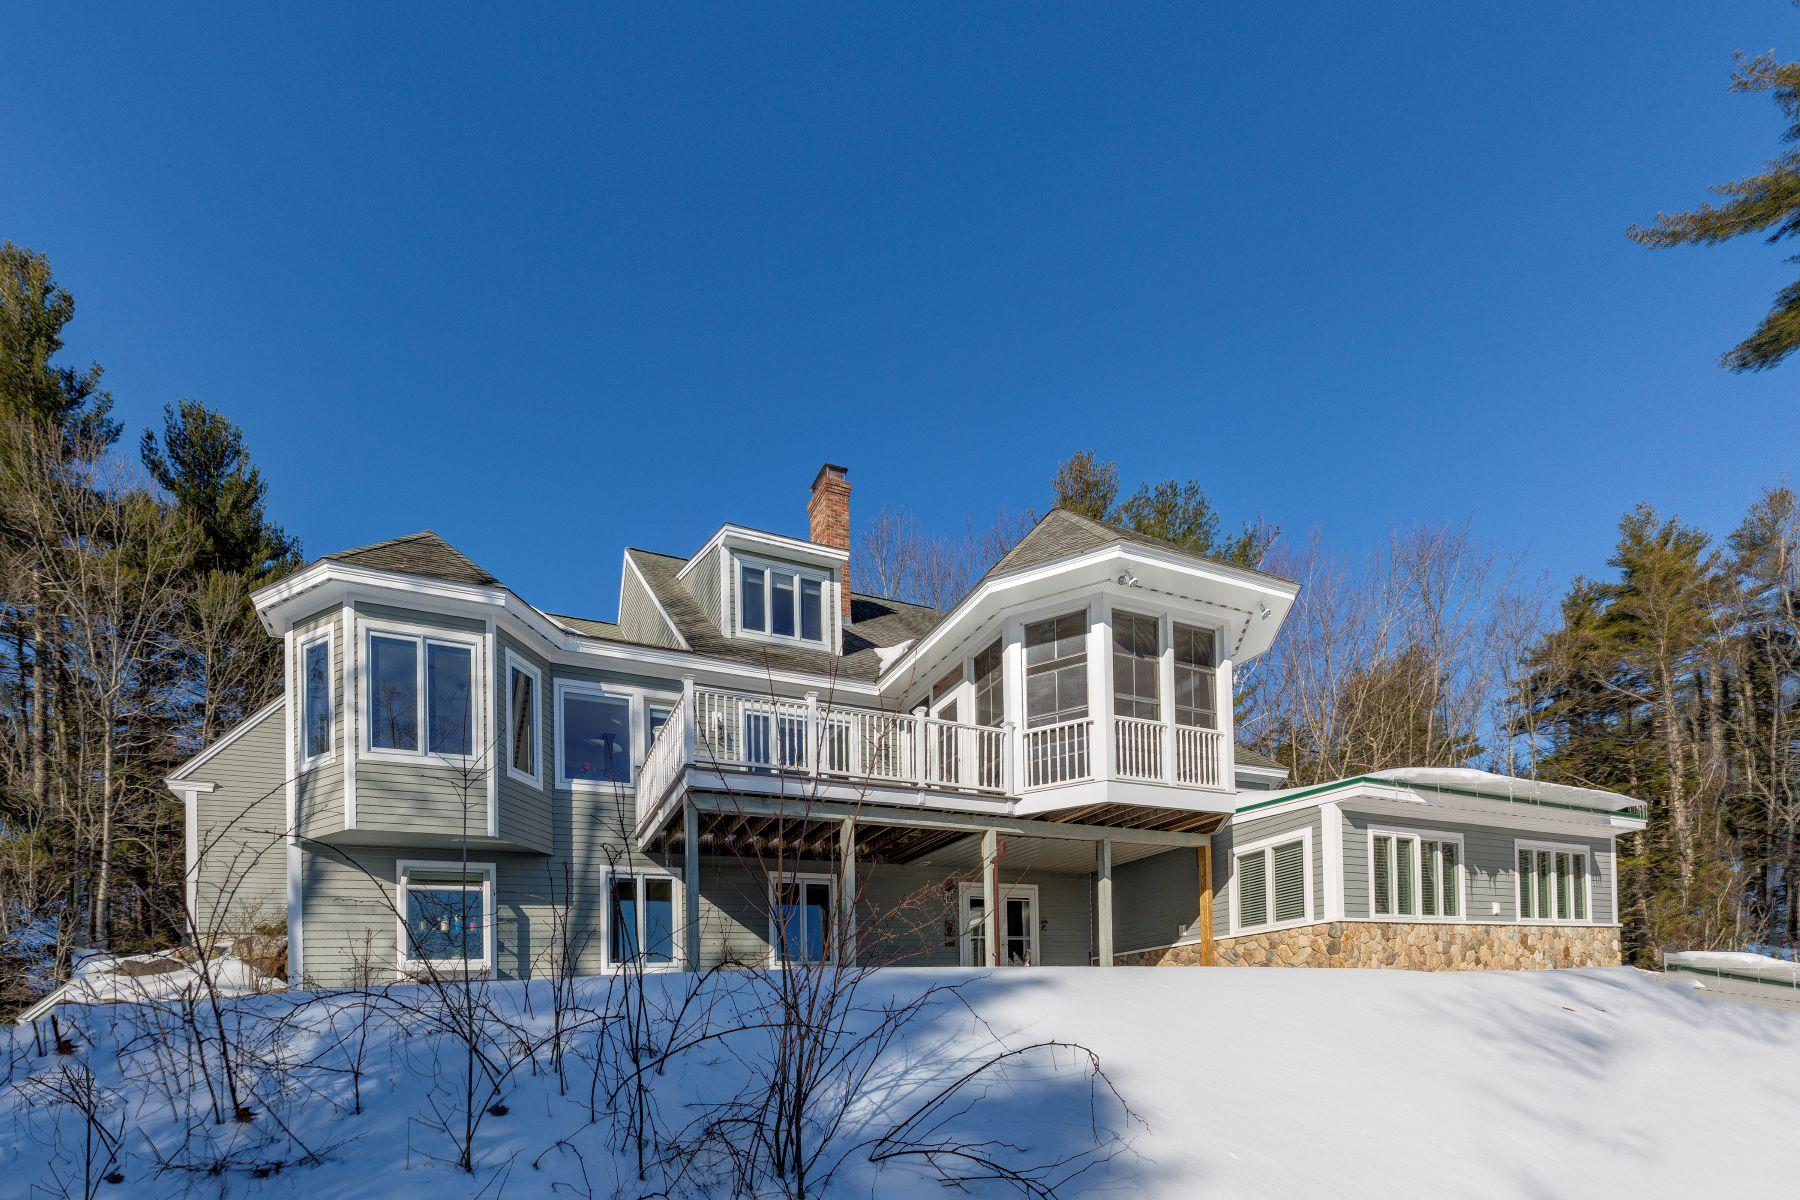 独户住宅 为 销售 在 Beautiful home with scenic views 450 Hall Farm Rd 新伦敦, 新罕布什尔州 03257 美国